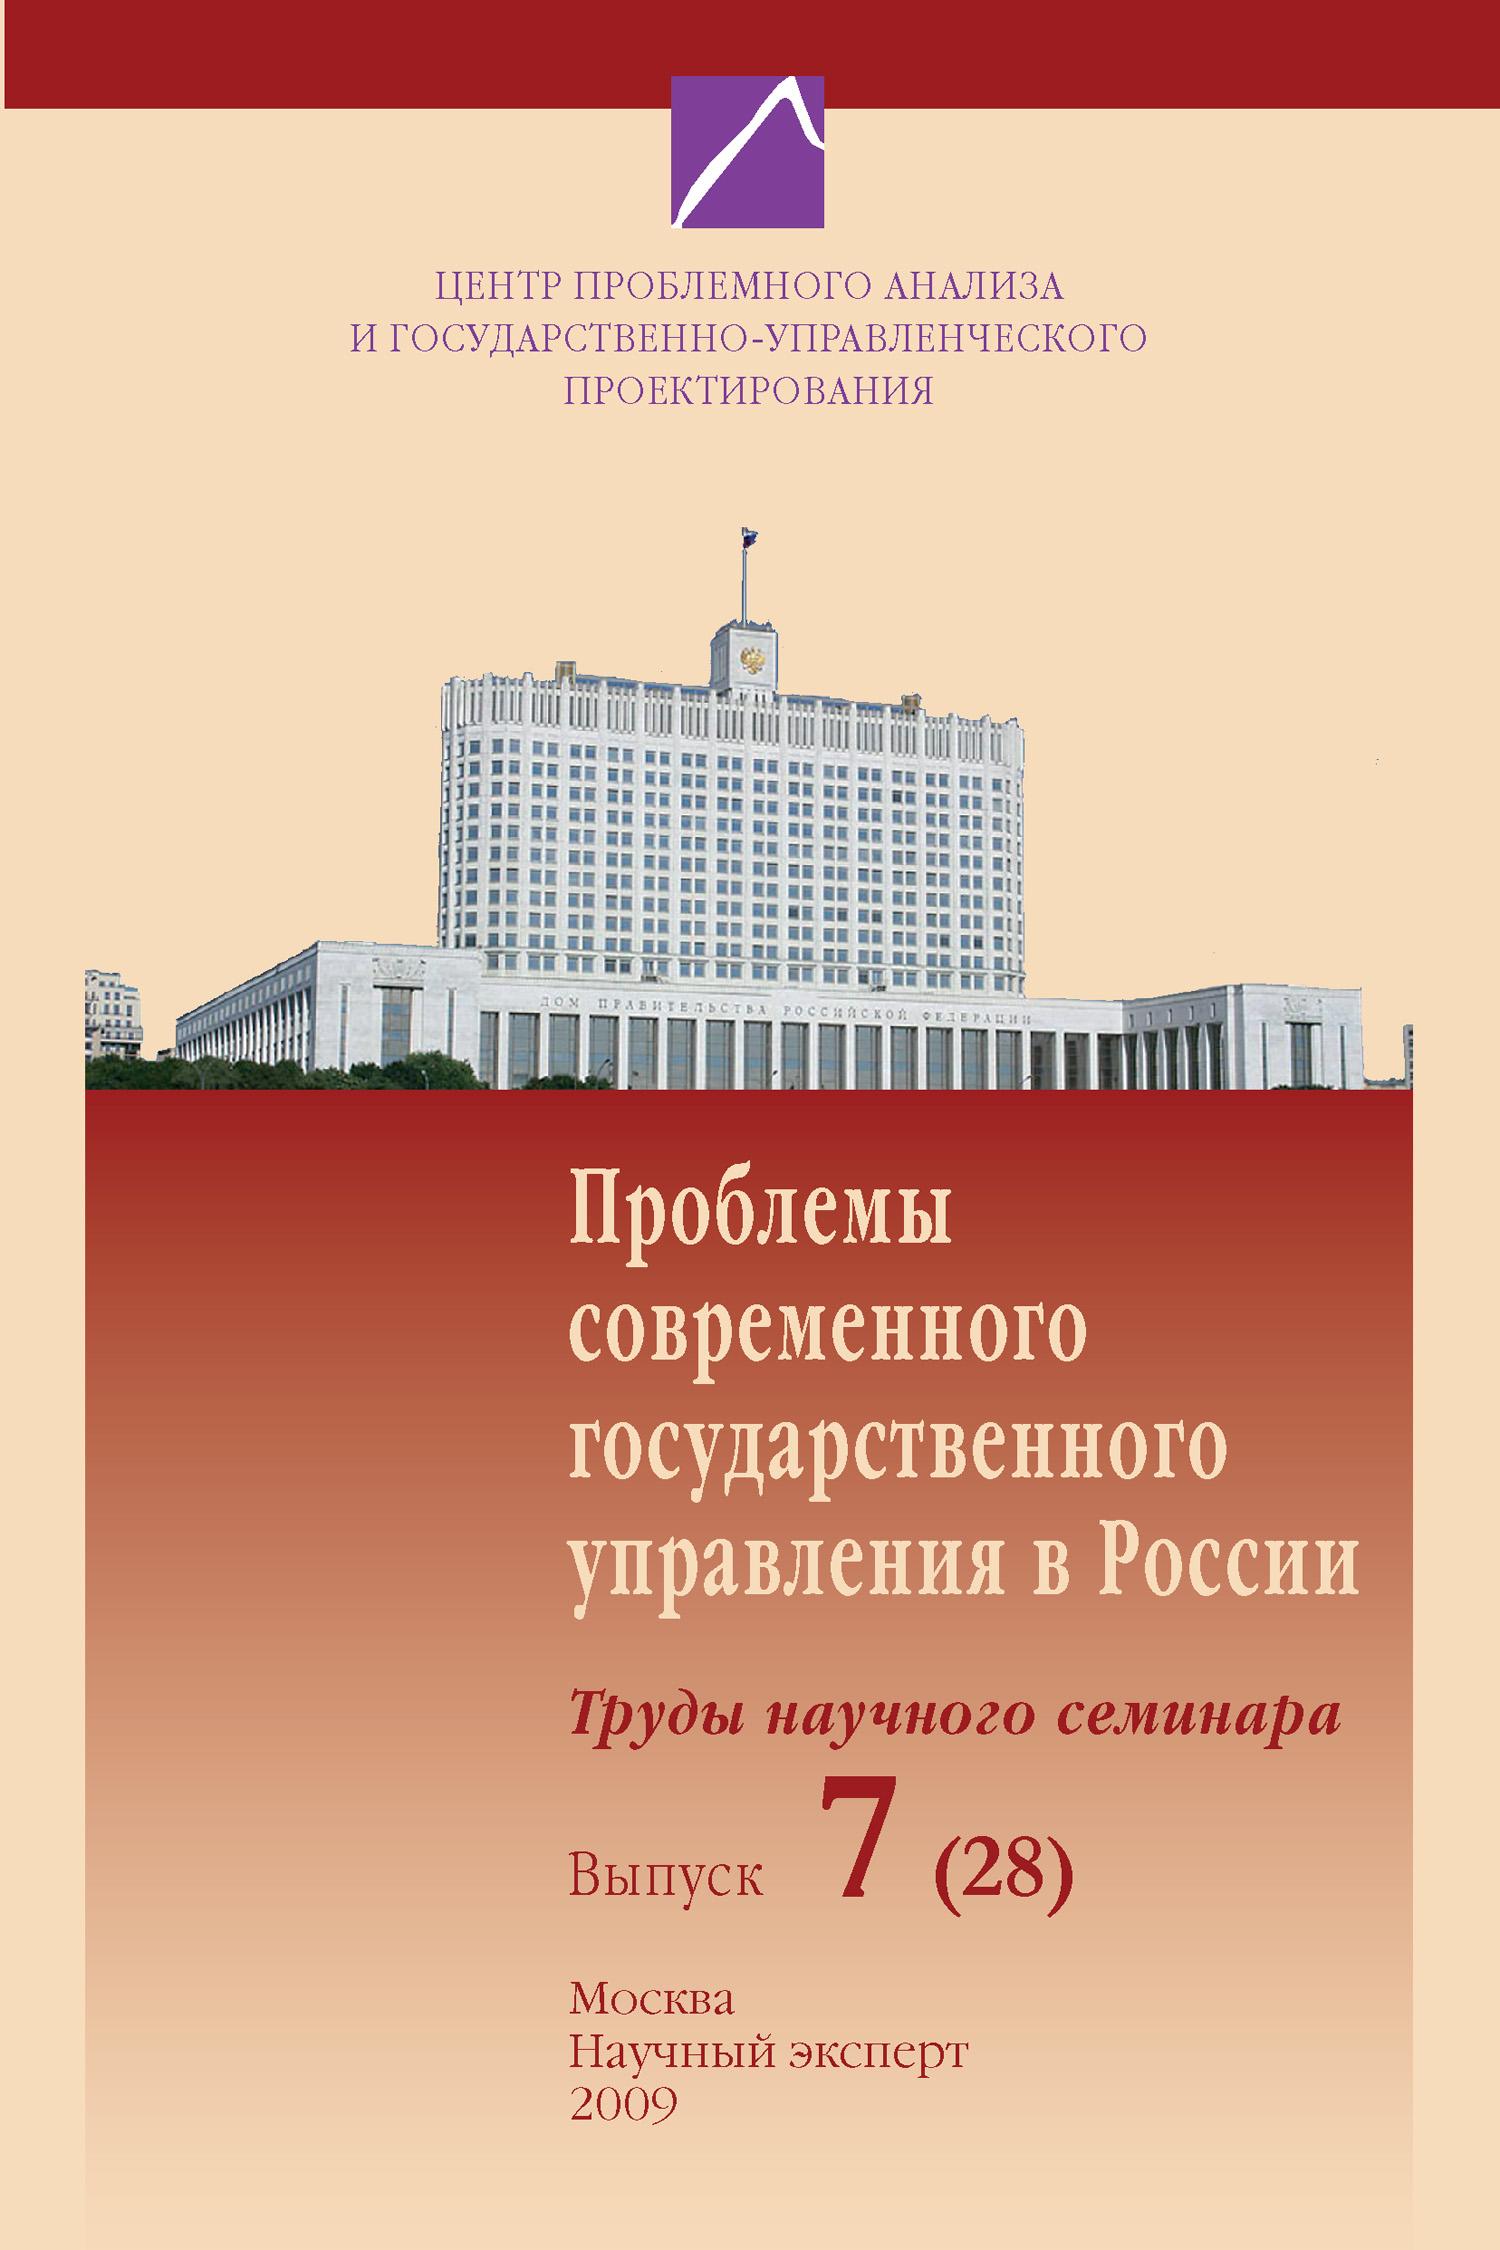 Проблемы современного государственного управления в России. Выпуск №7 (28), 2009